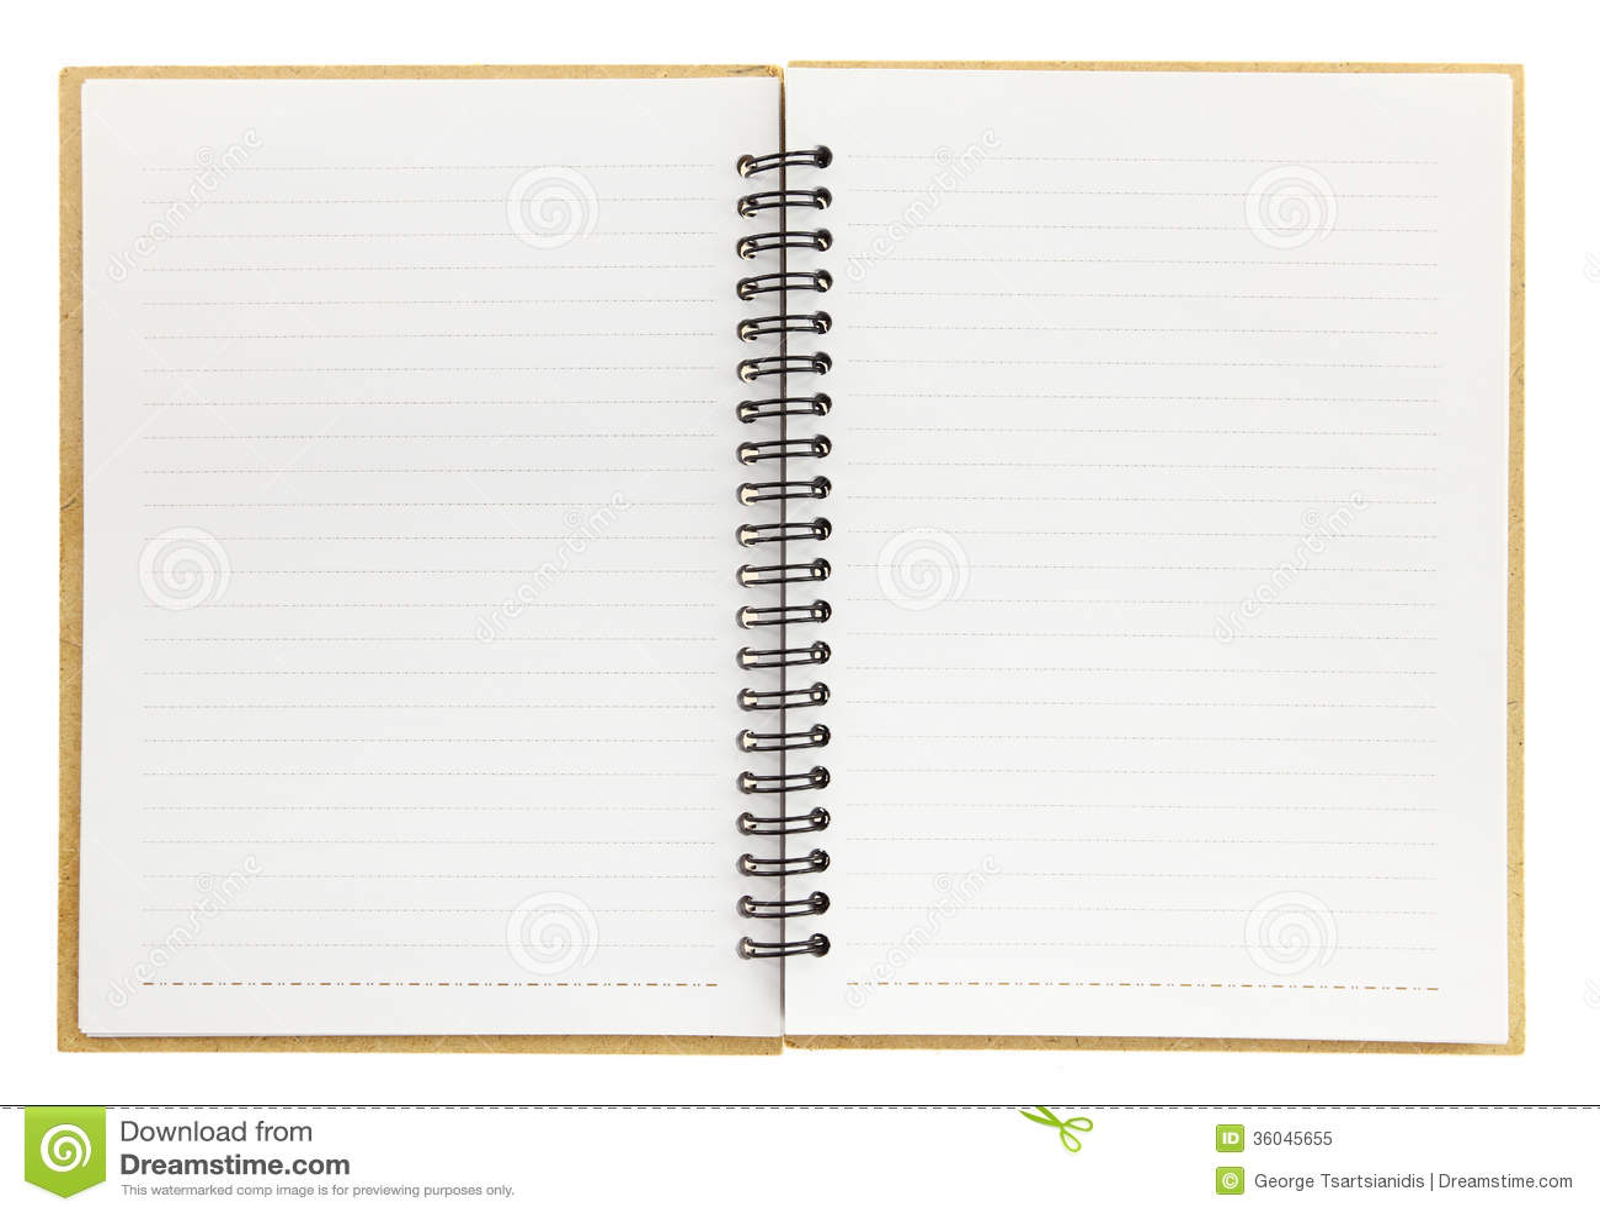 Open Spiral Notebook An open blank notebook with